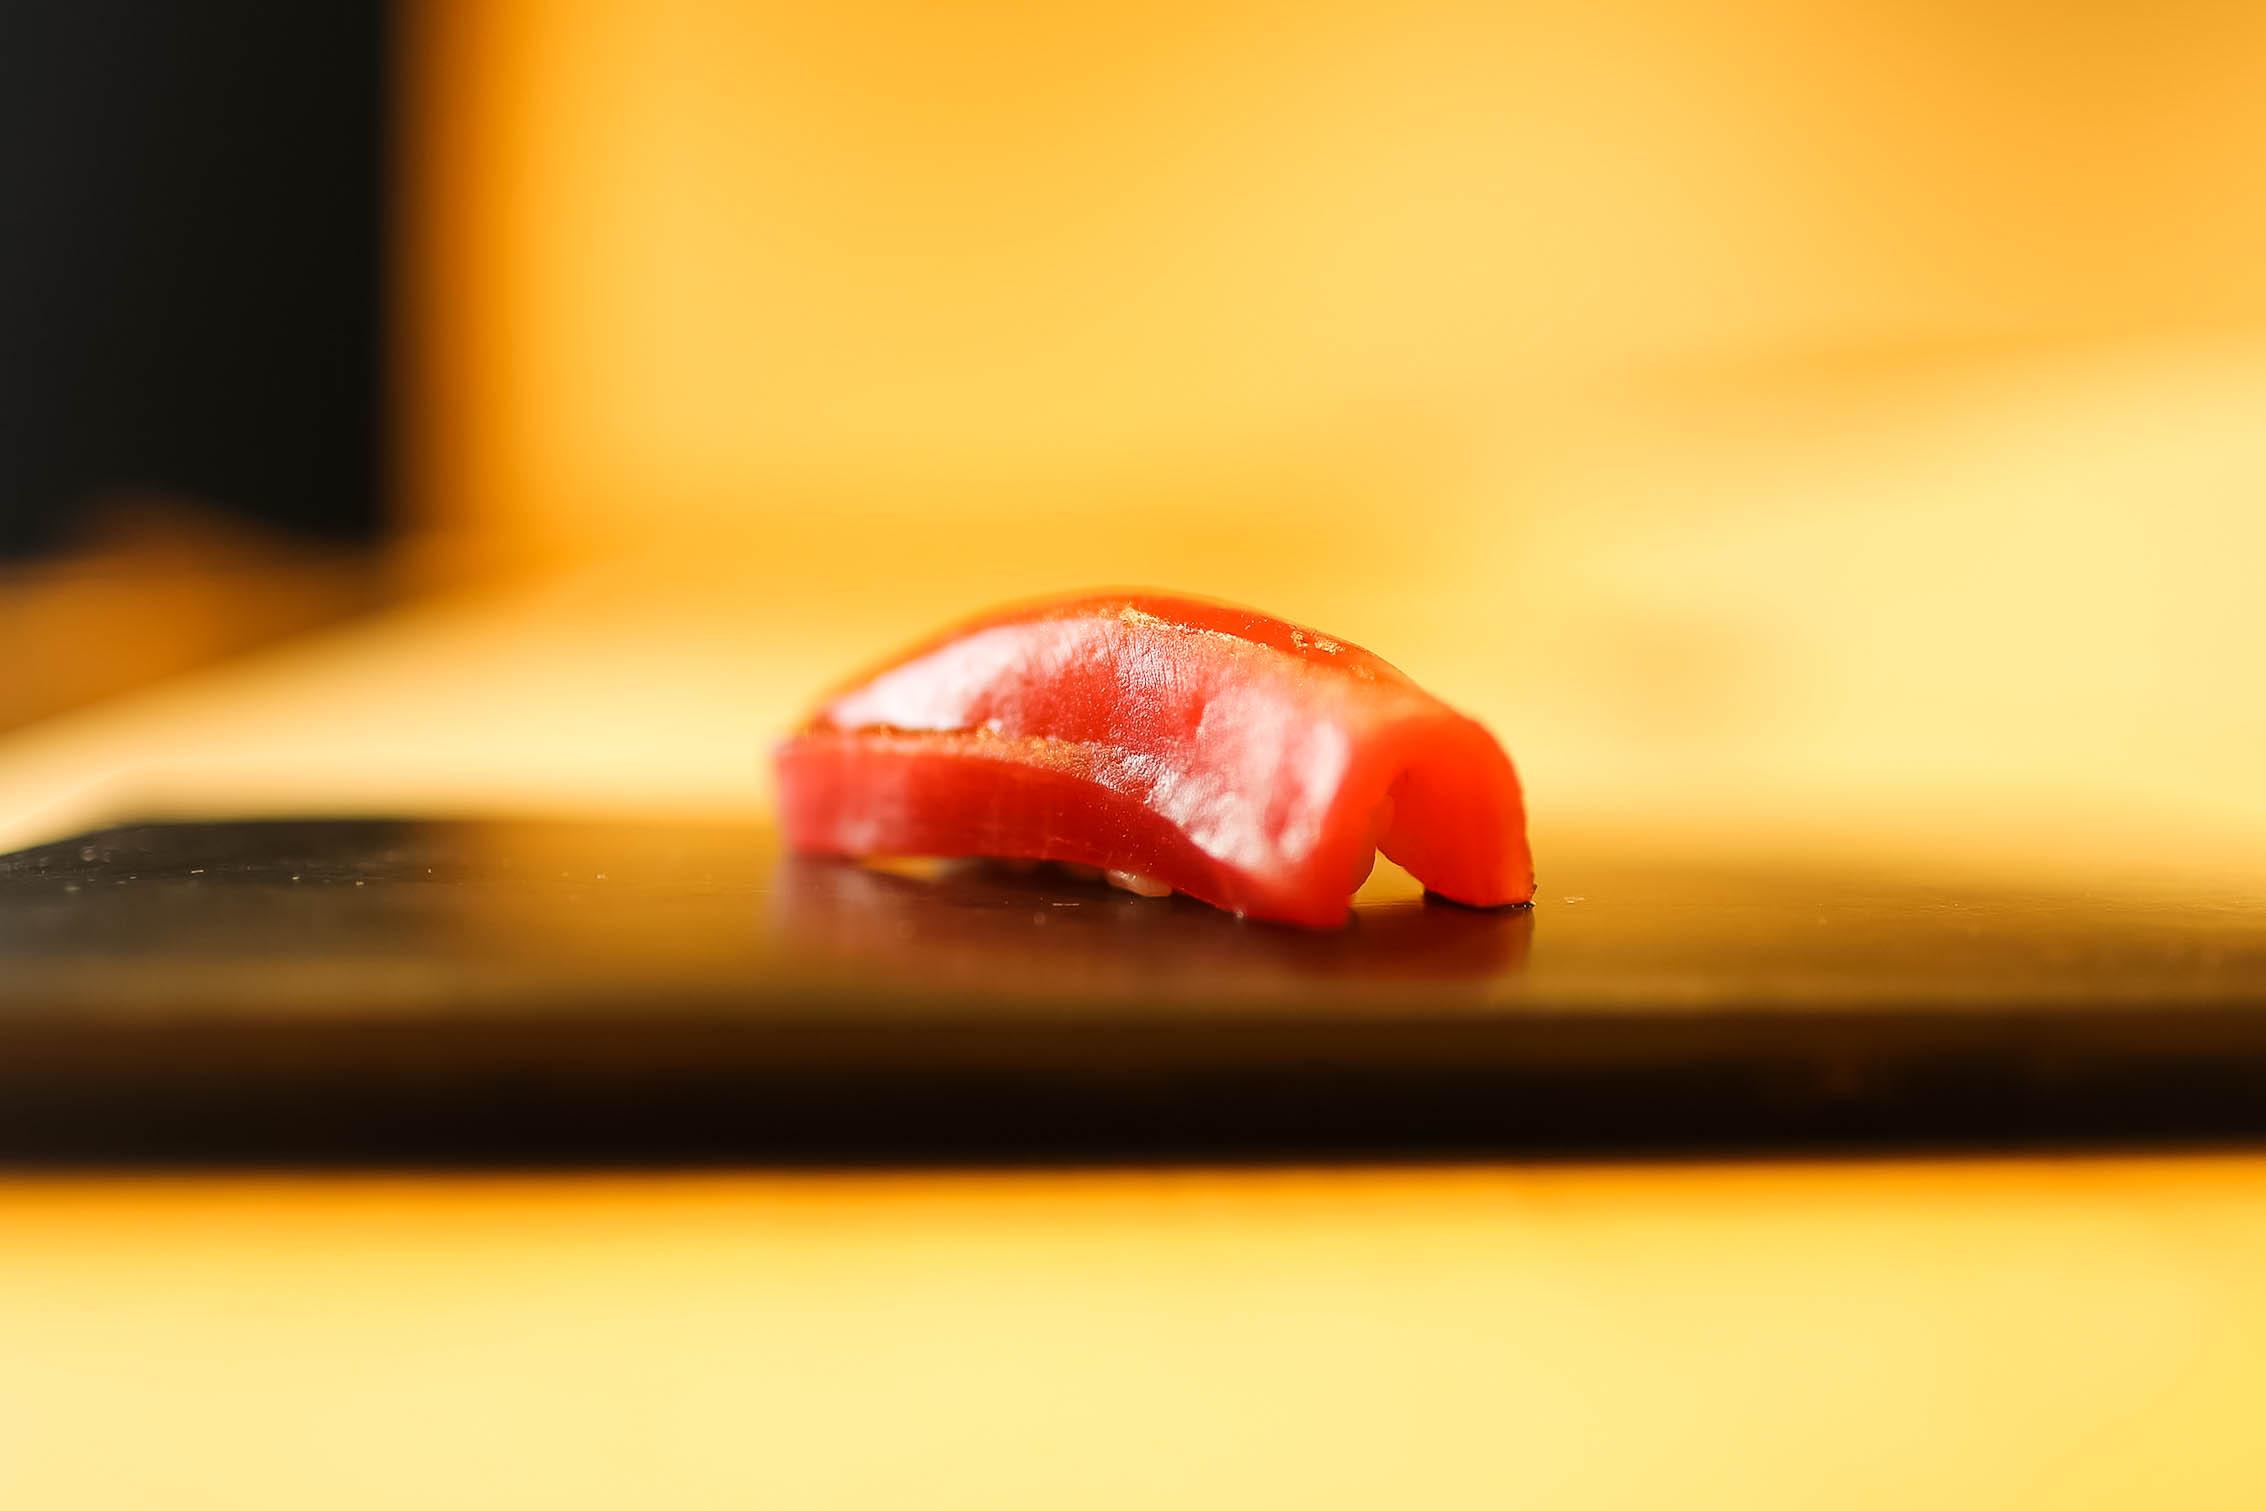 鮨 はしもとの1枚目のカバー写真